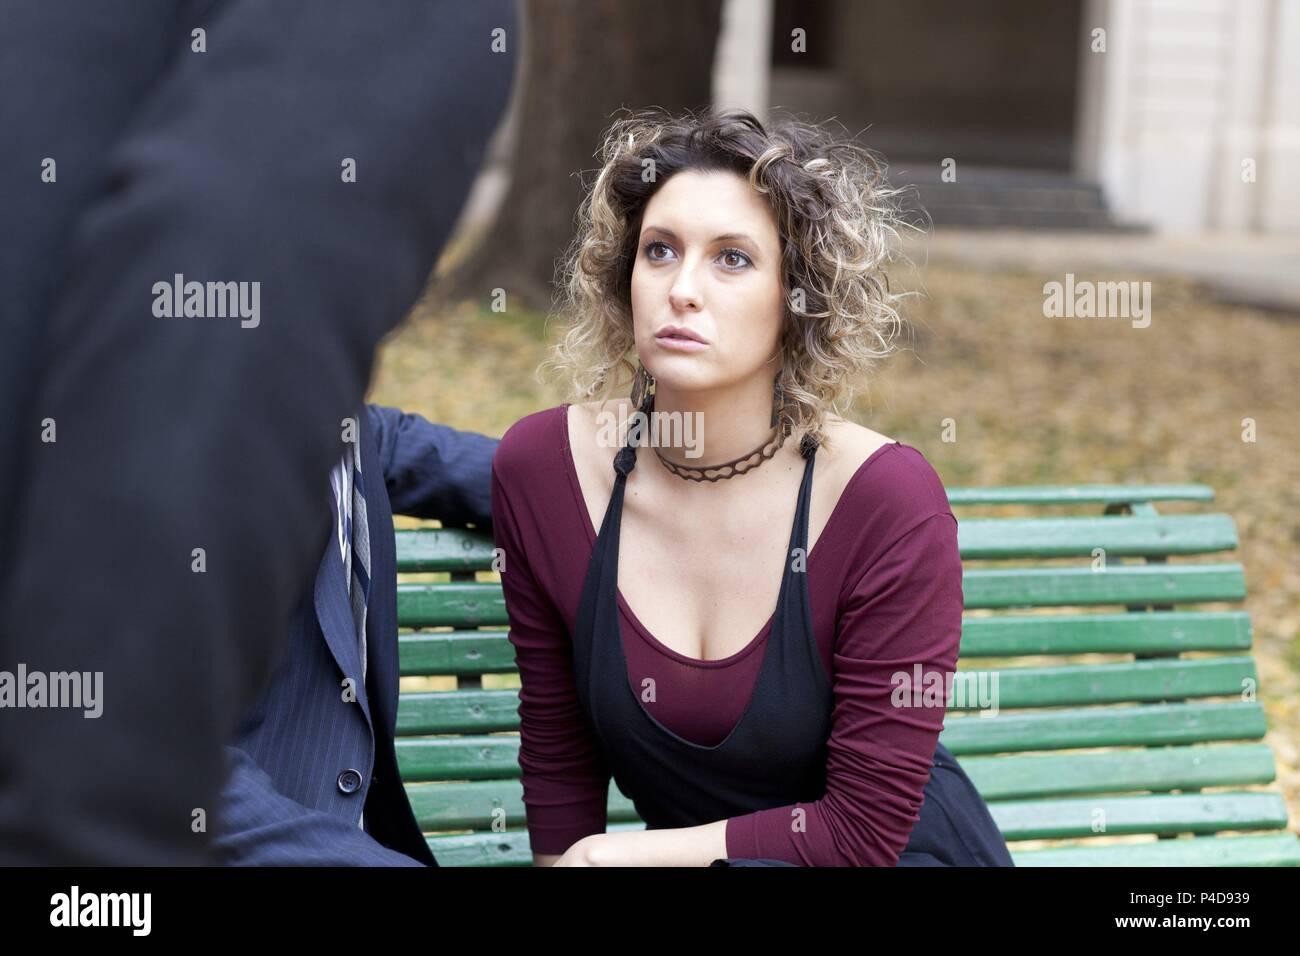 Antonella Costa erotic photos 20